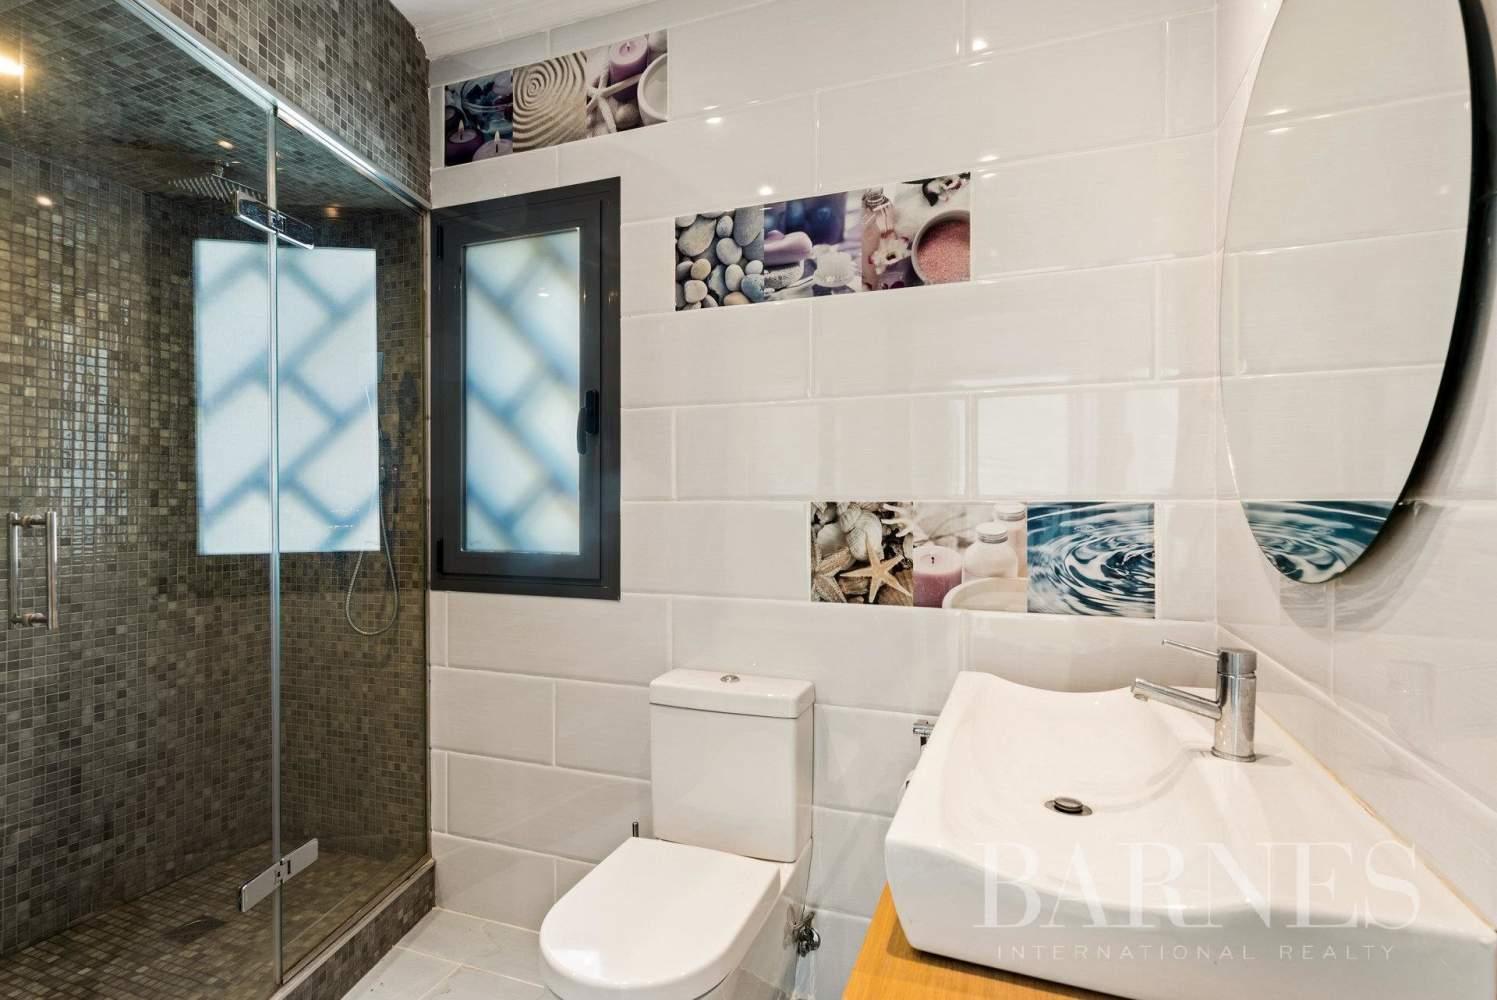 Marbella  - Villa  5 Habitaciones - picture 11